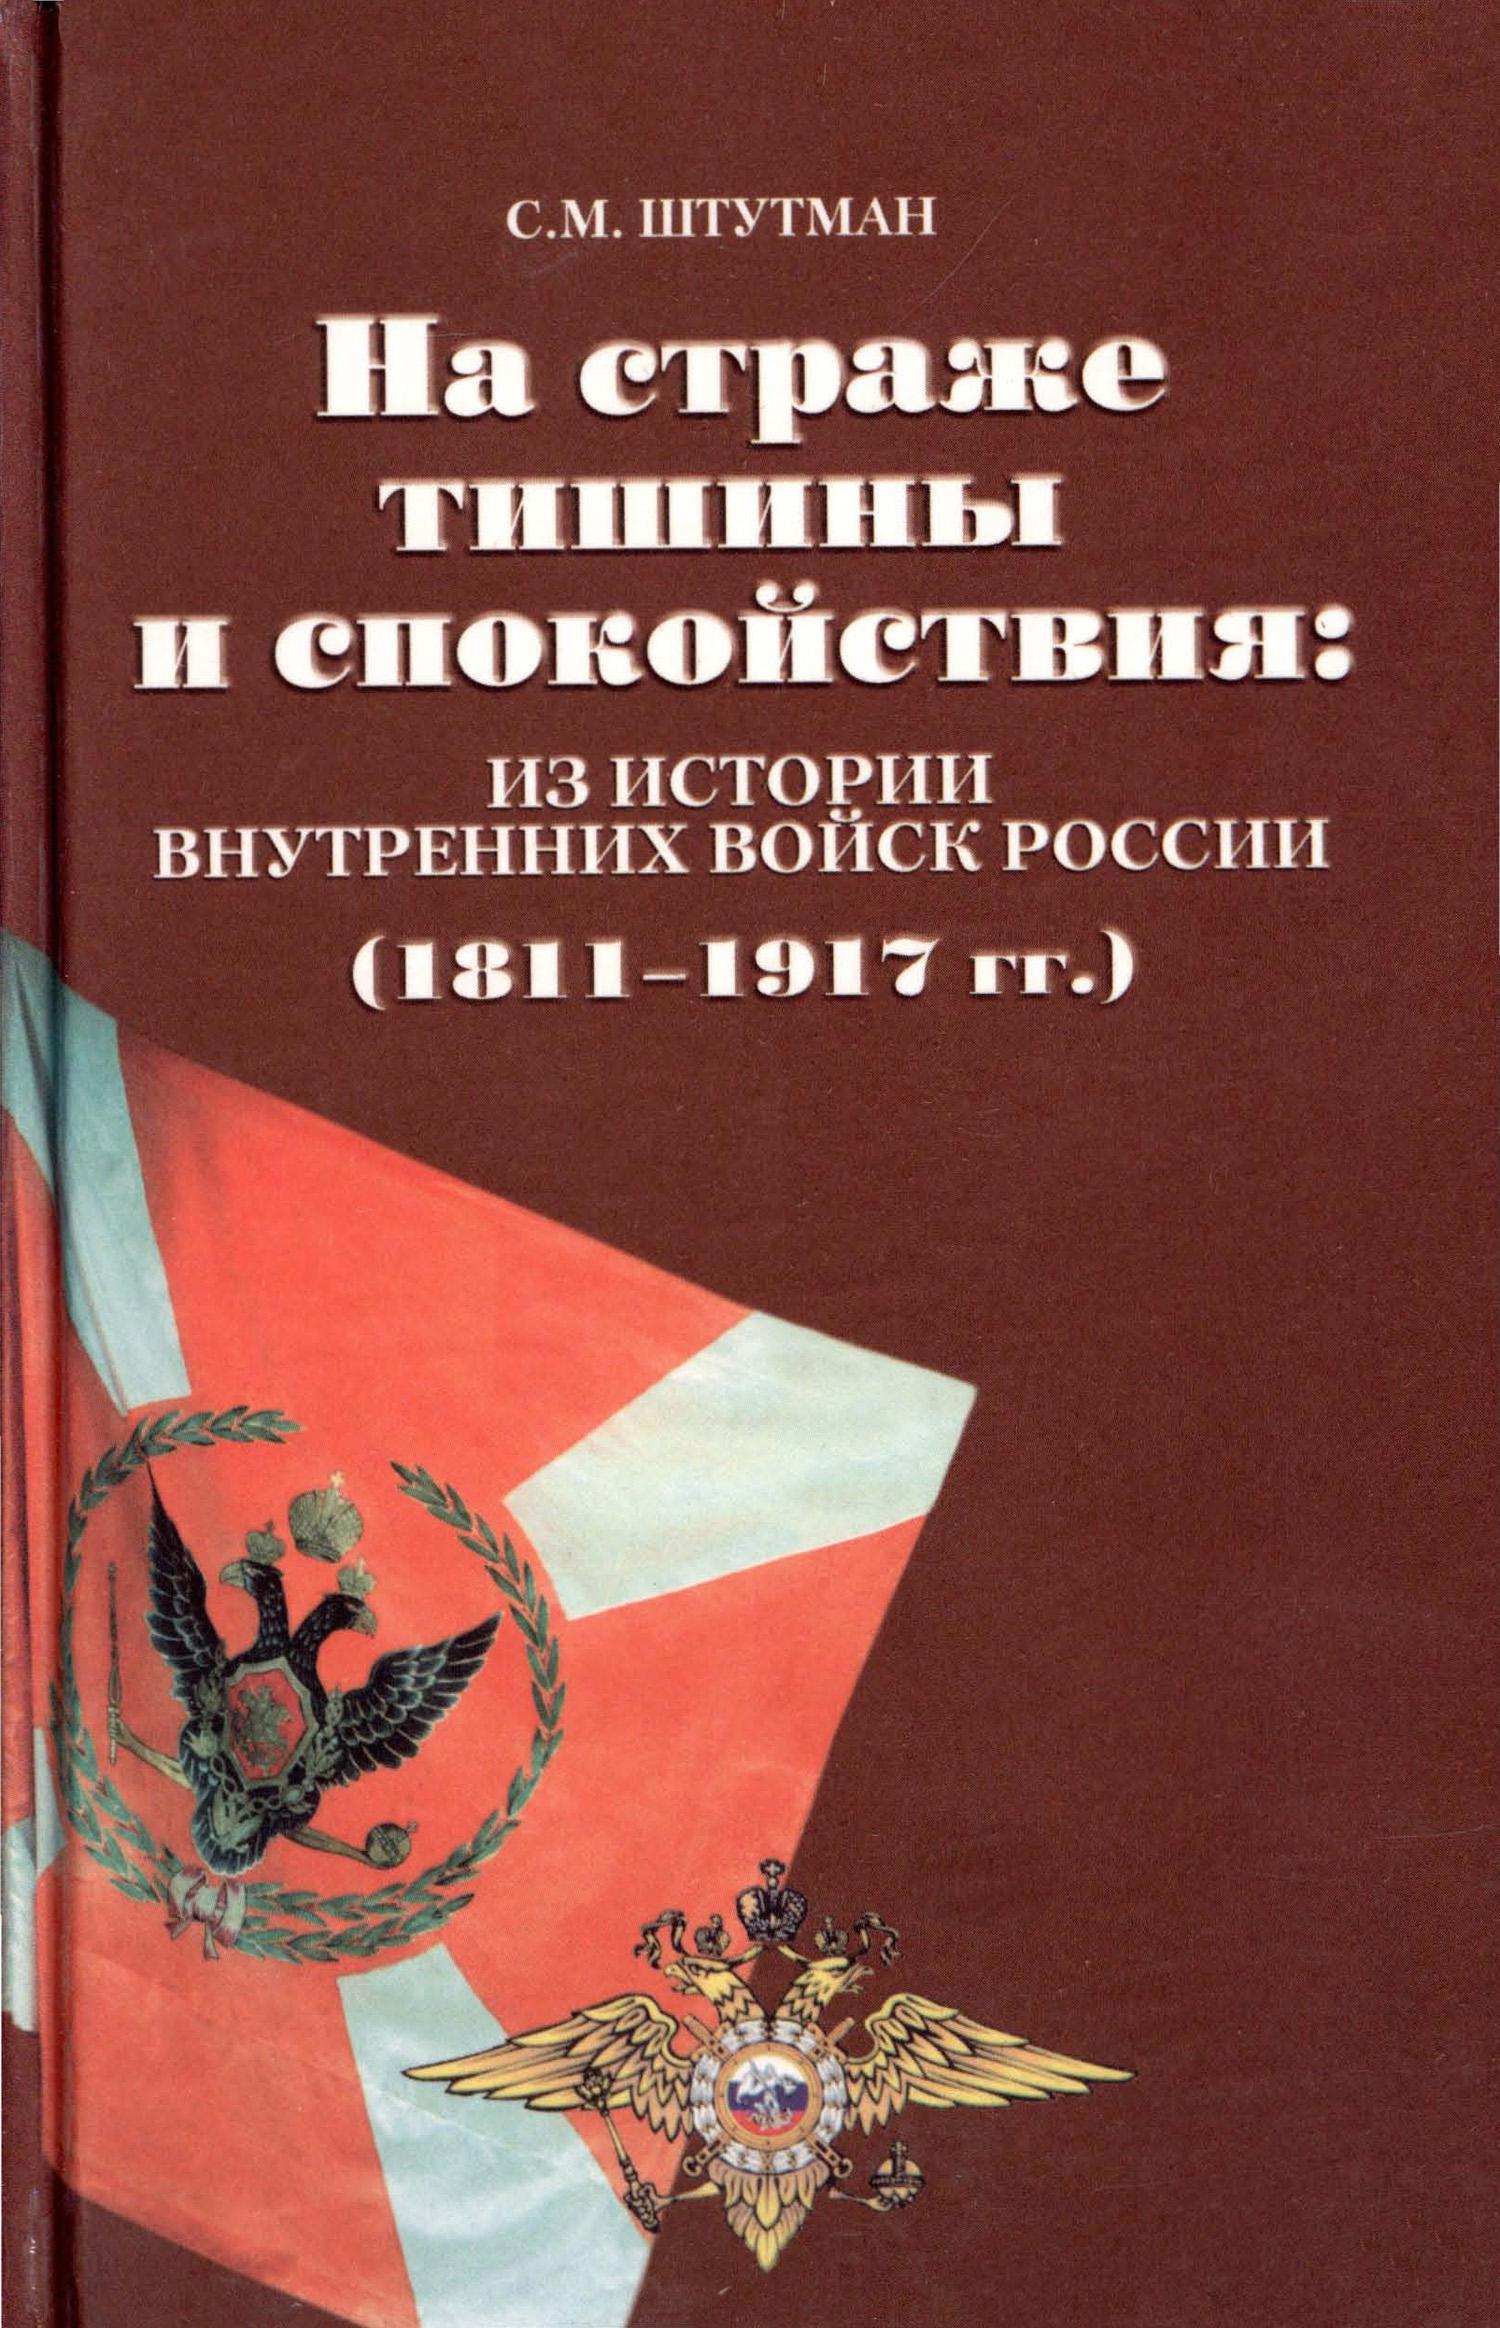 На страже тишины и спокойствия: из истории внутренних войск России (1811-1917)